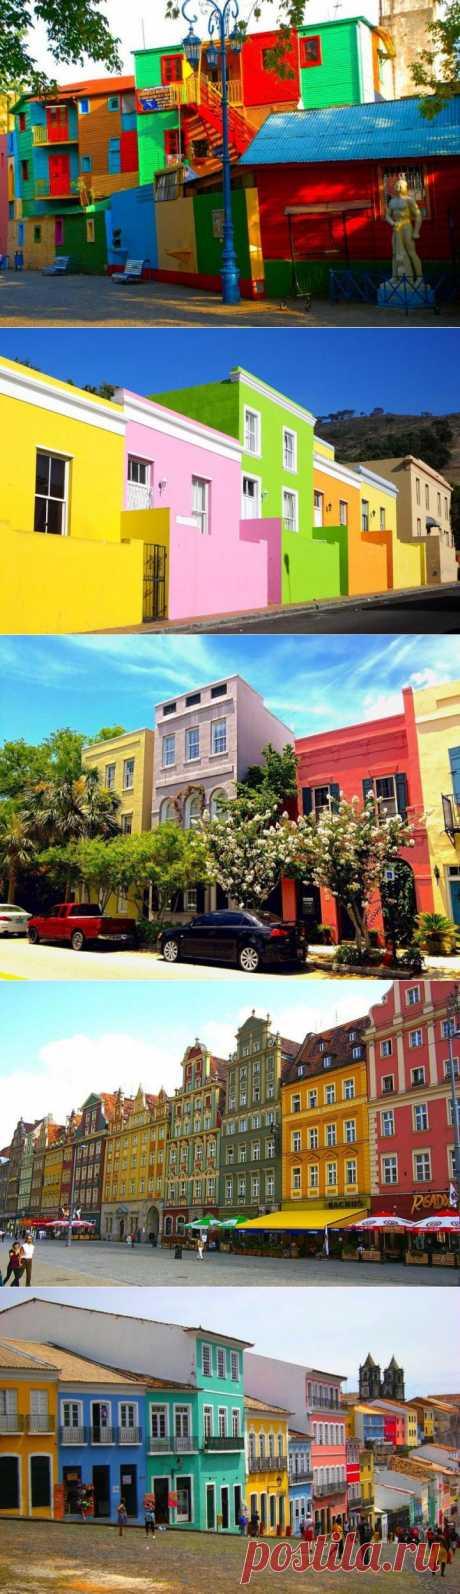 (+1) тема - Cамые красочные города мира | Непутевые заметки